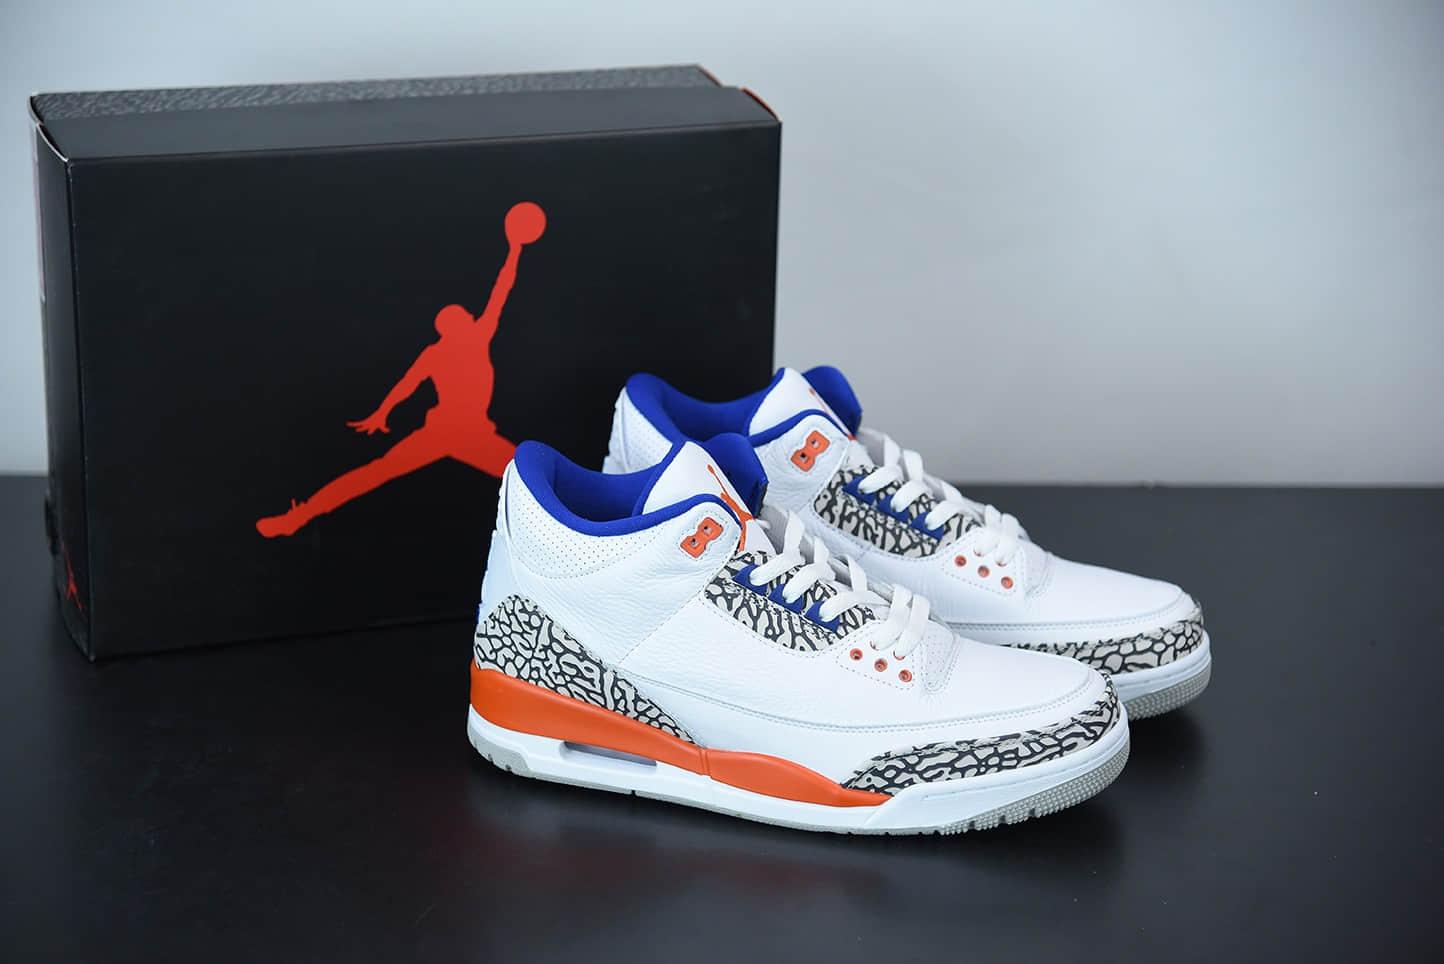 乔丹Air Jordan 3 Knicks 尼克斯白橙蓝实战篮球鞋纯原版本 货号:136064-148